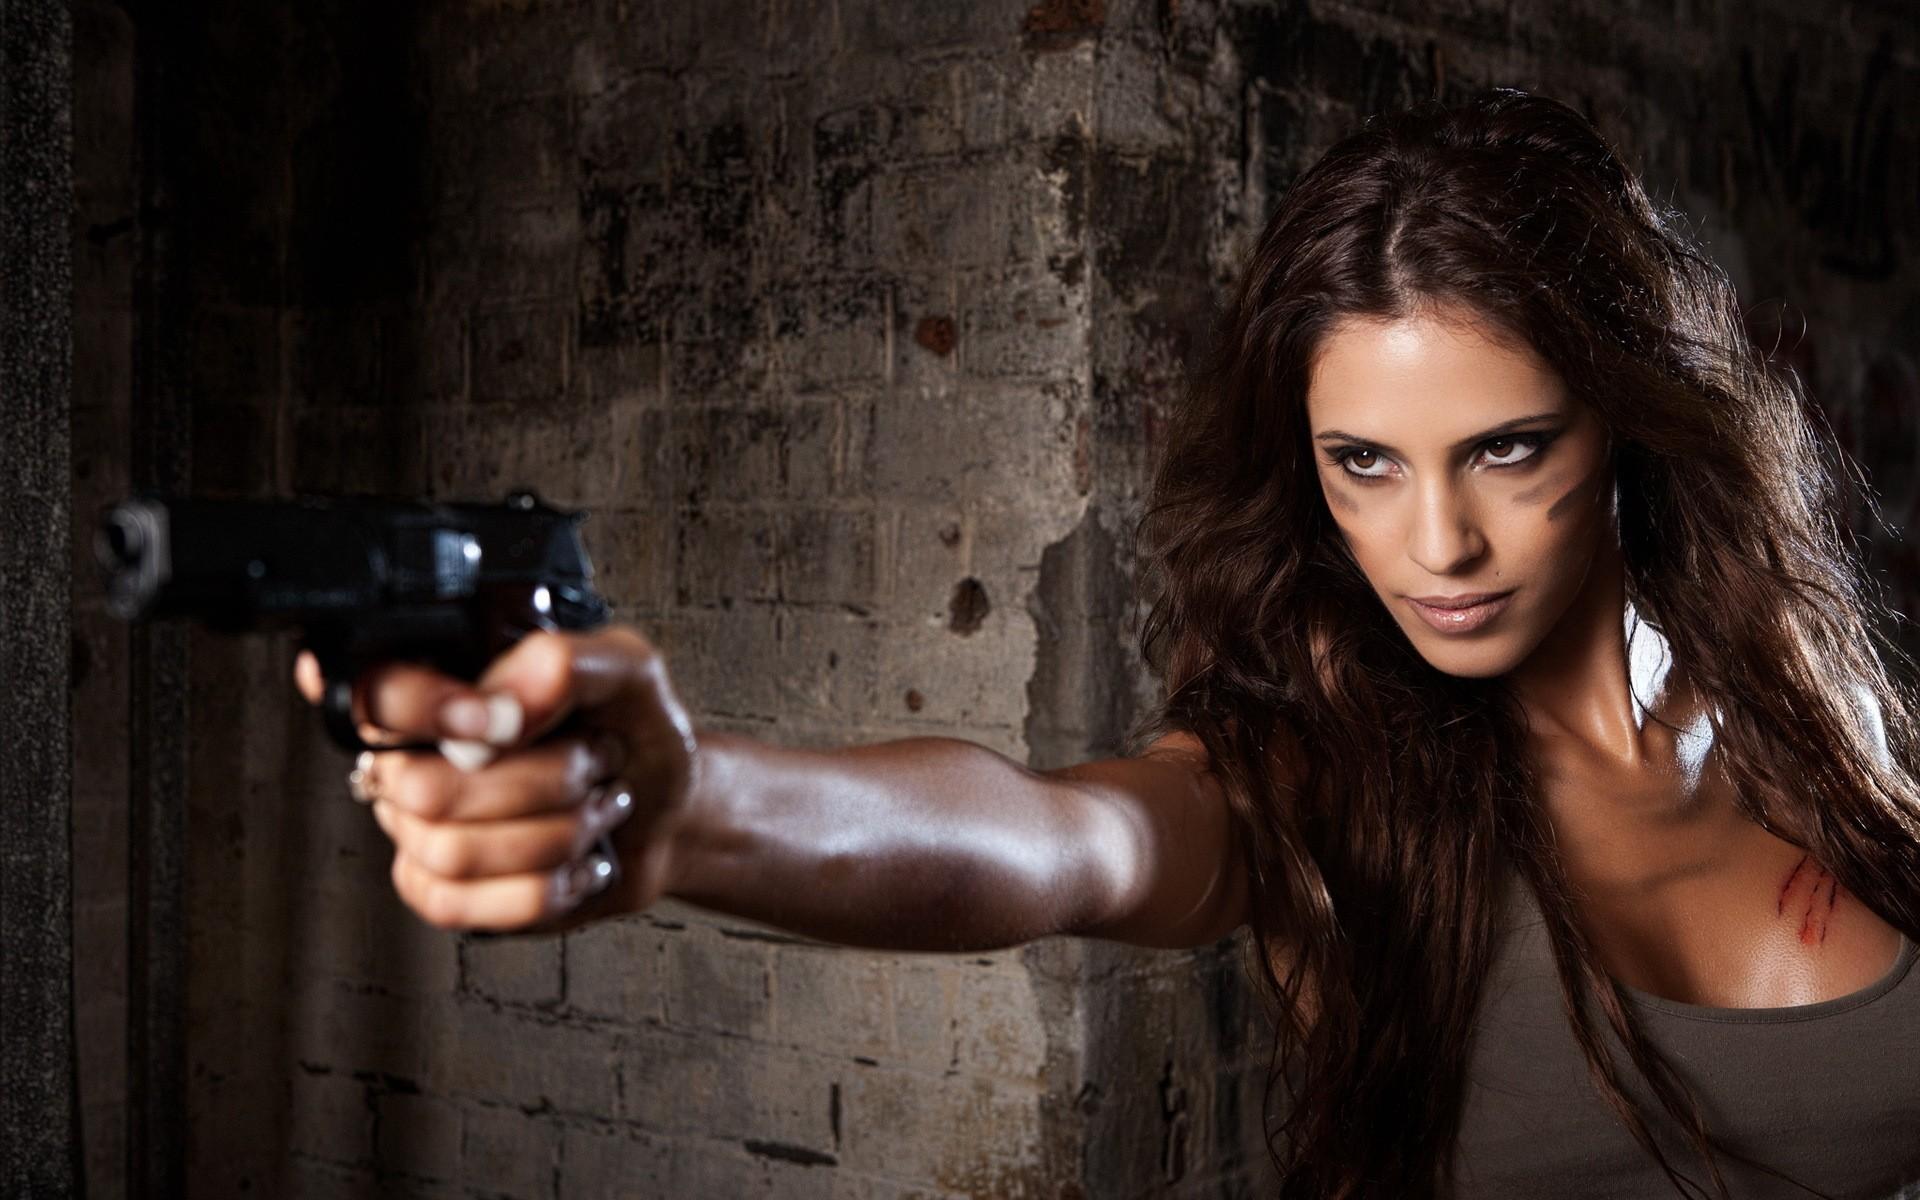 Chicas y pistolas - 1920x1200